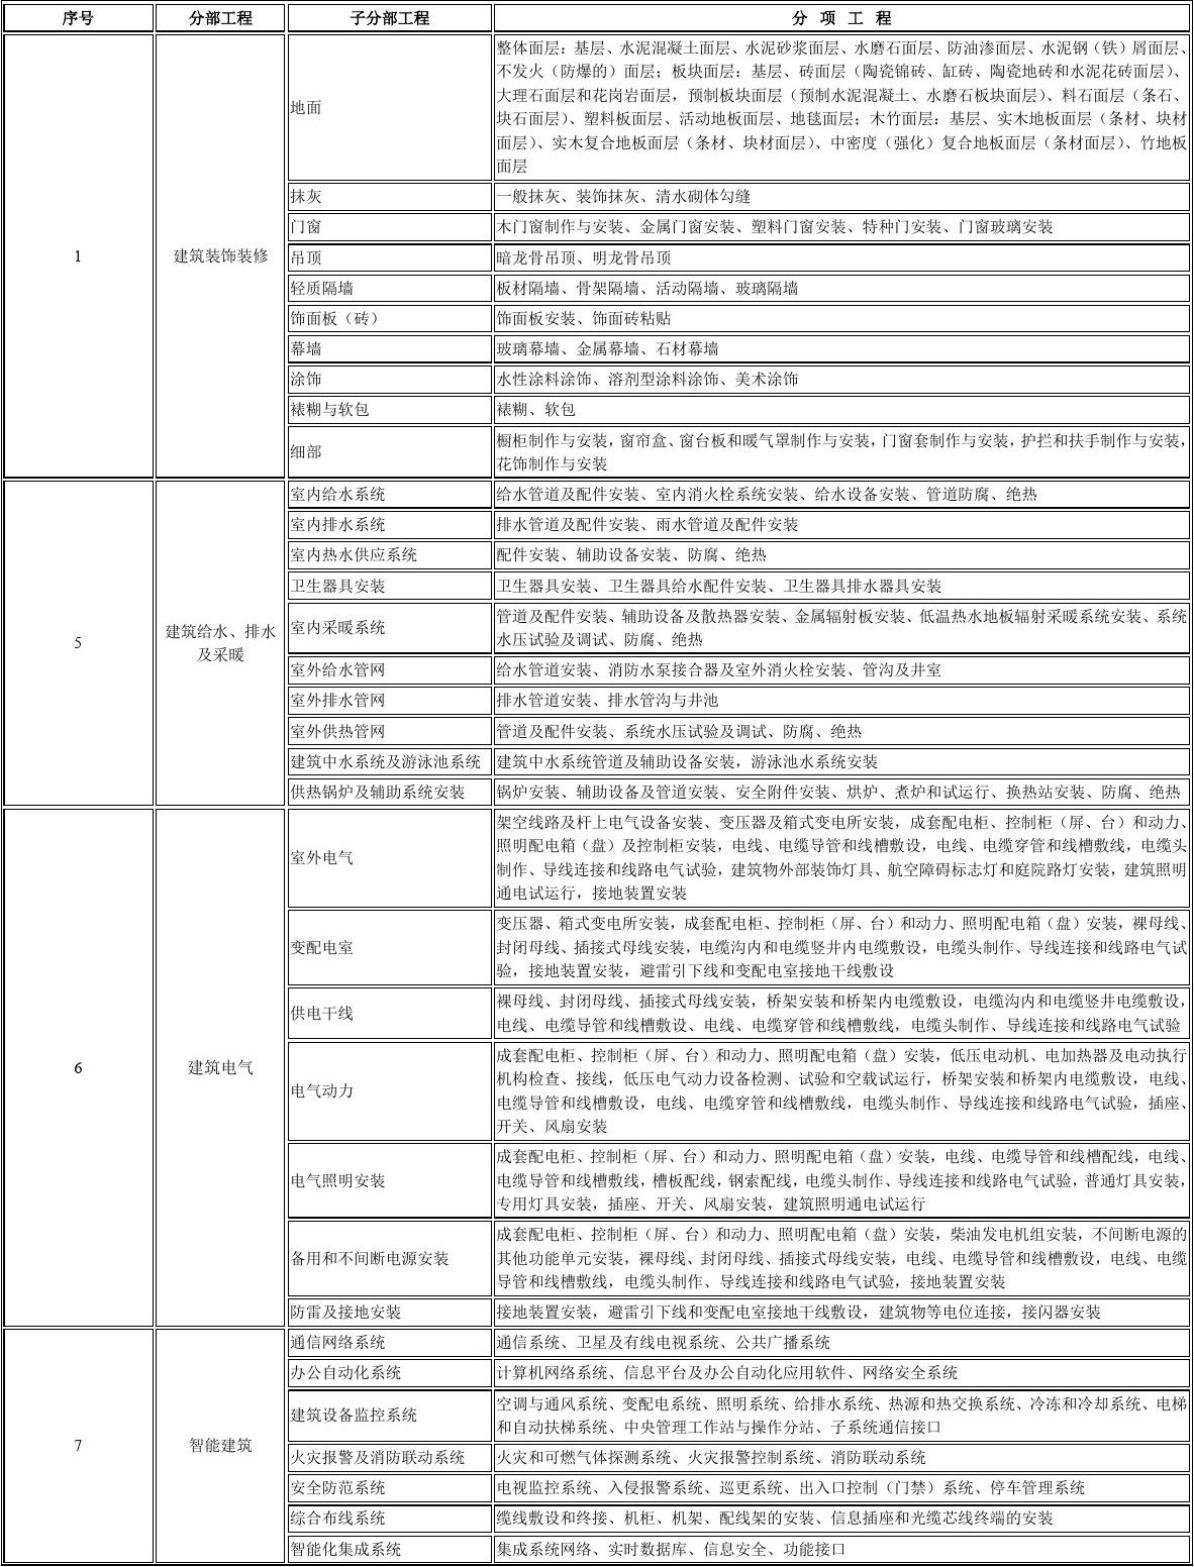 开工条件审查_建筑/土木_工程科技_专业资料